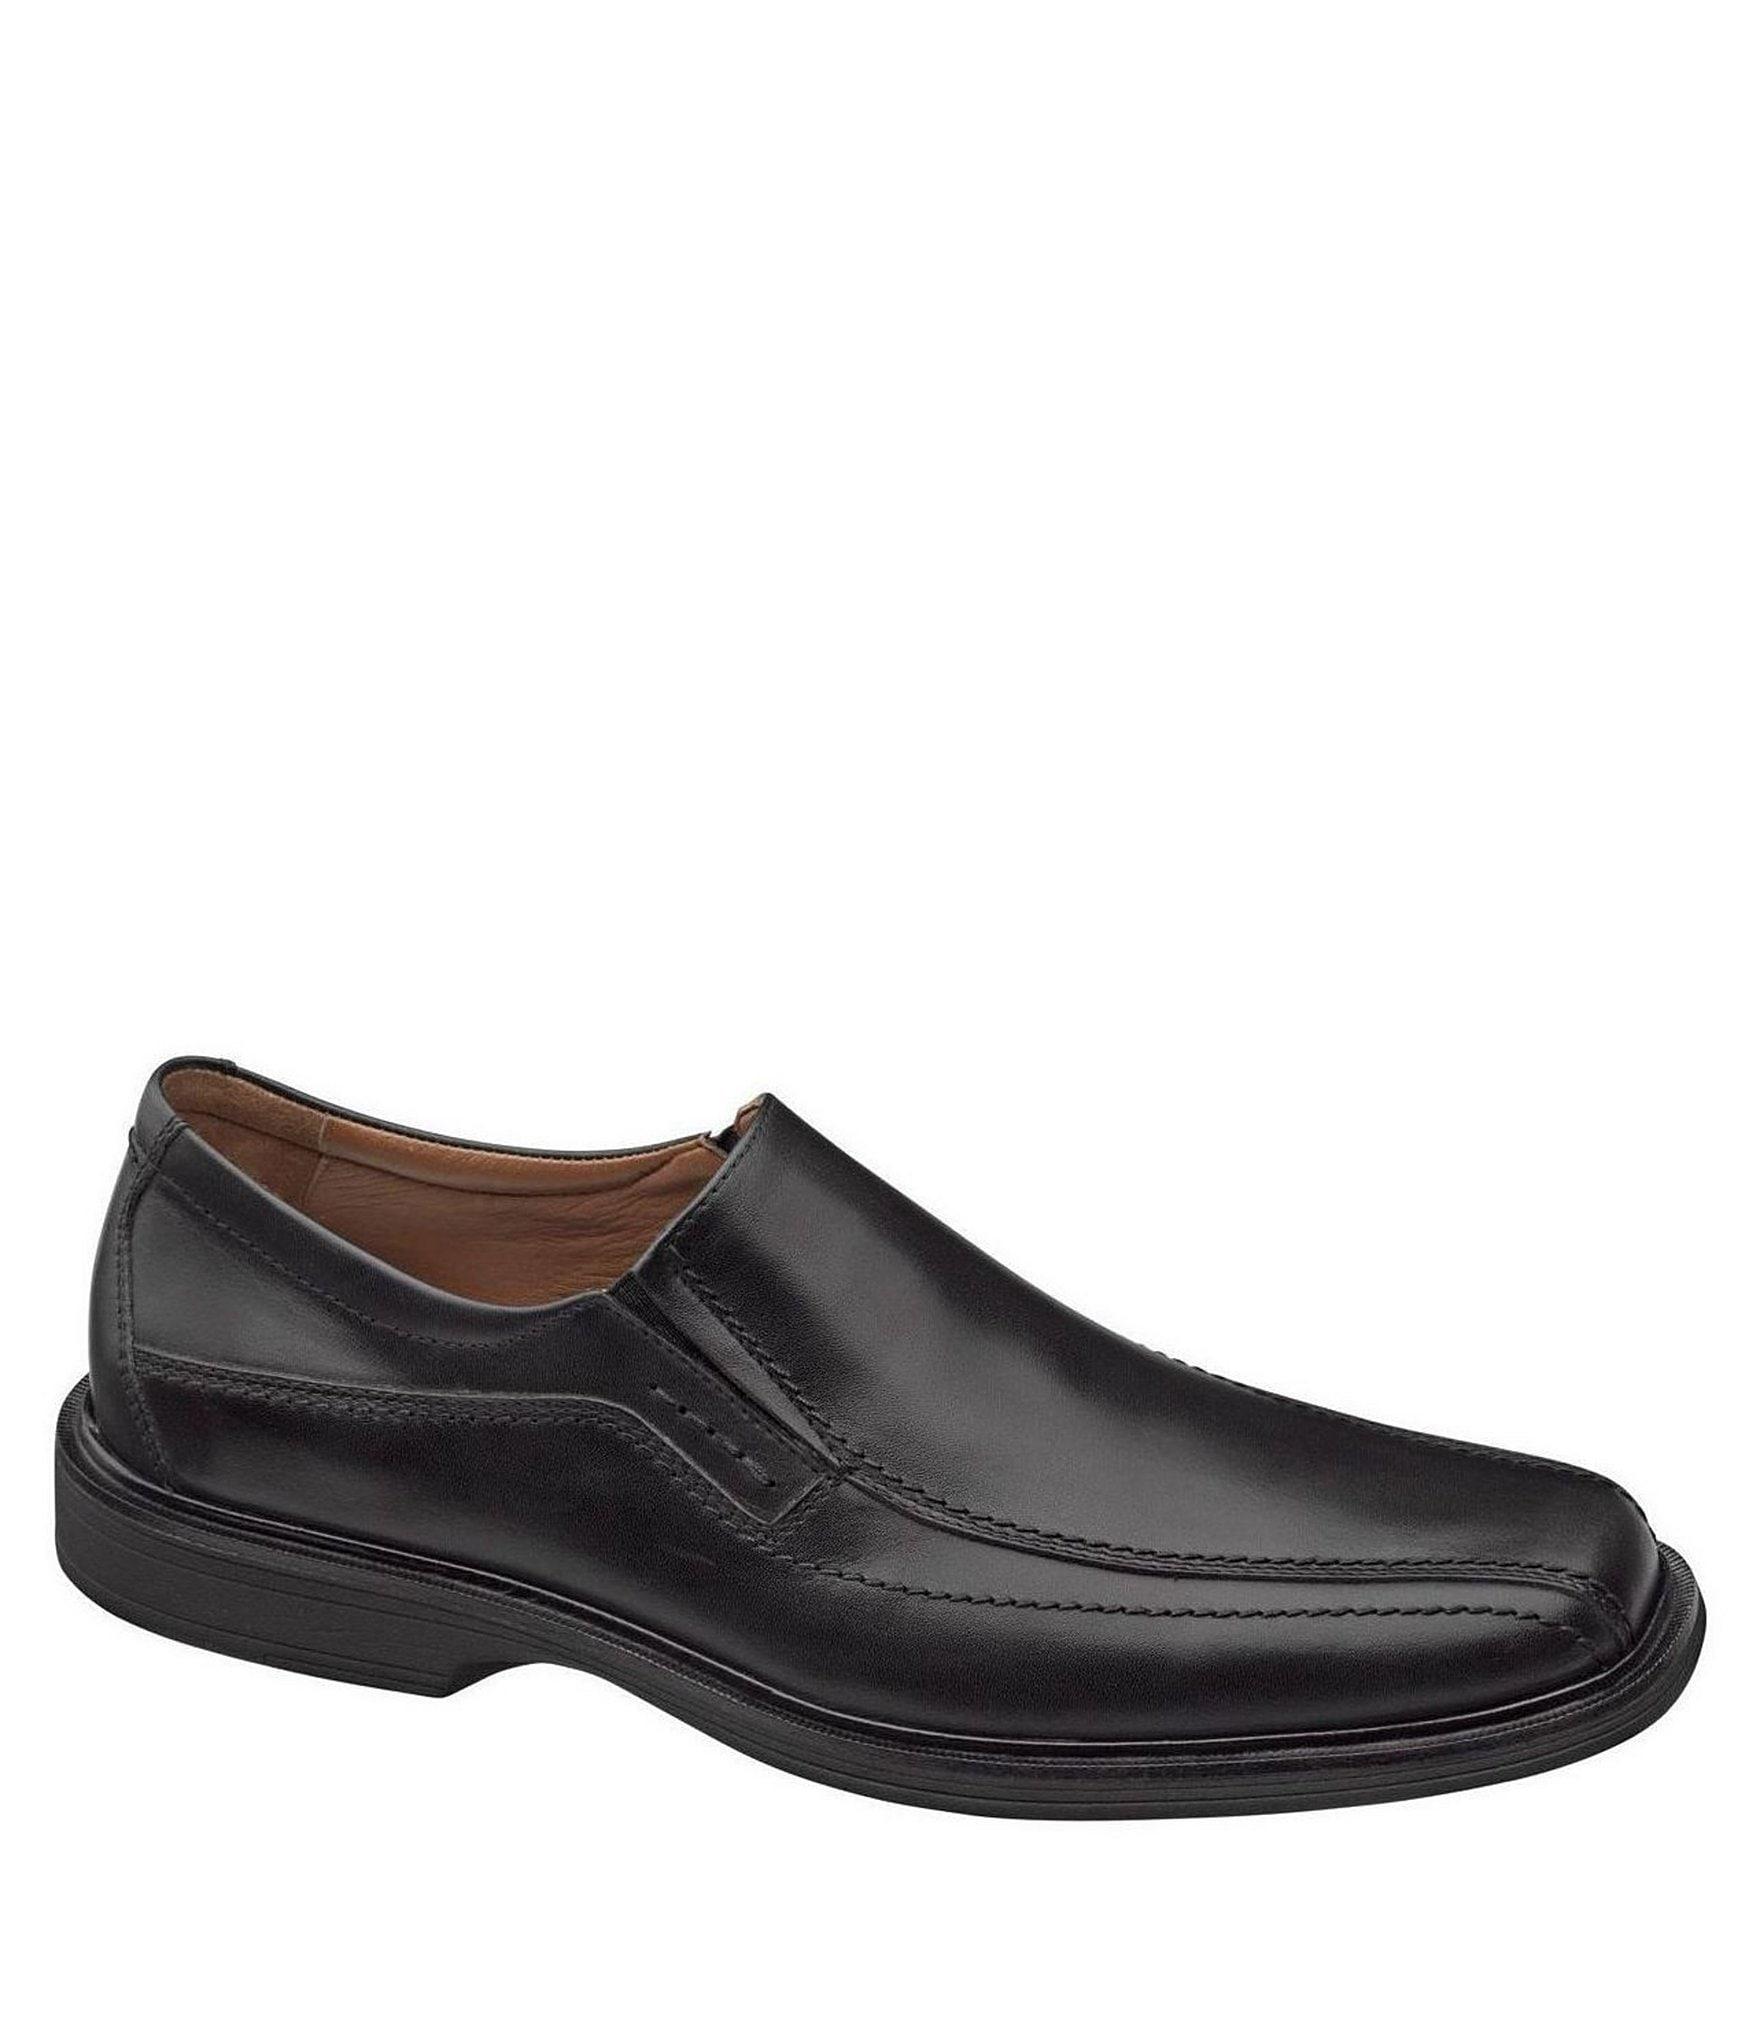 johnston murphy xc4 penn slip on loafers dillards